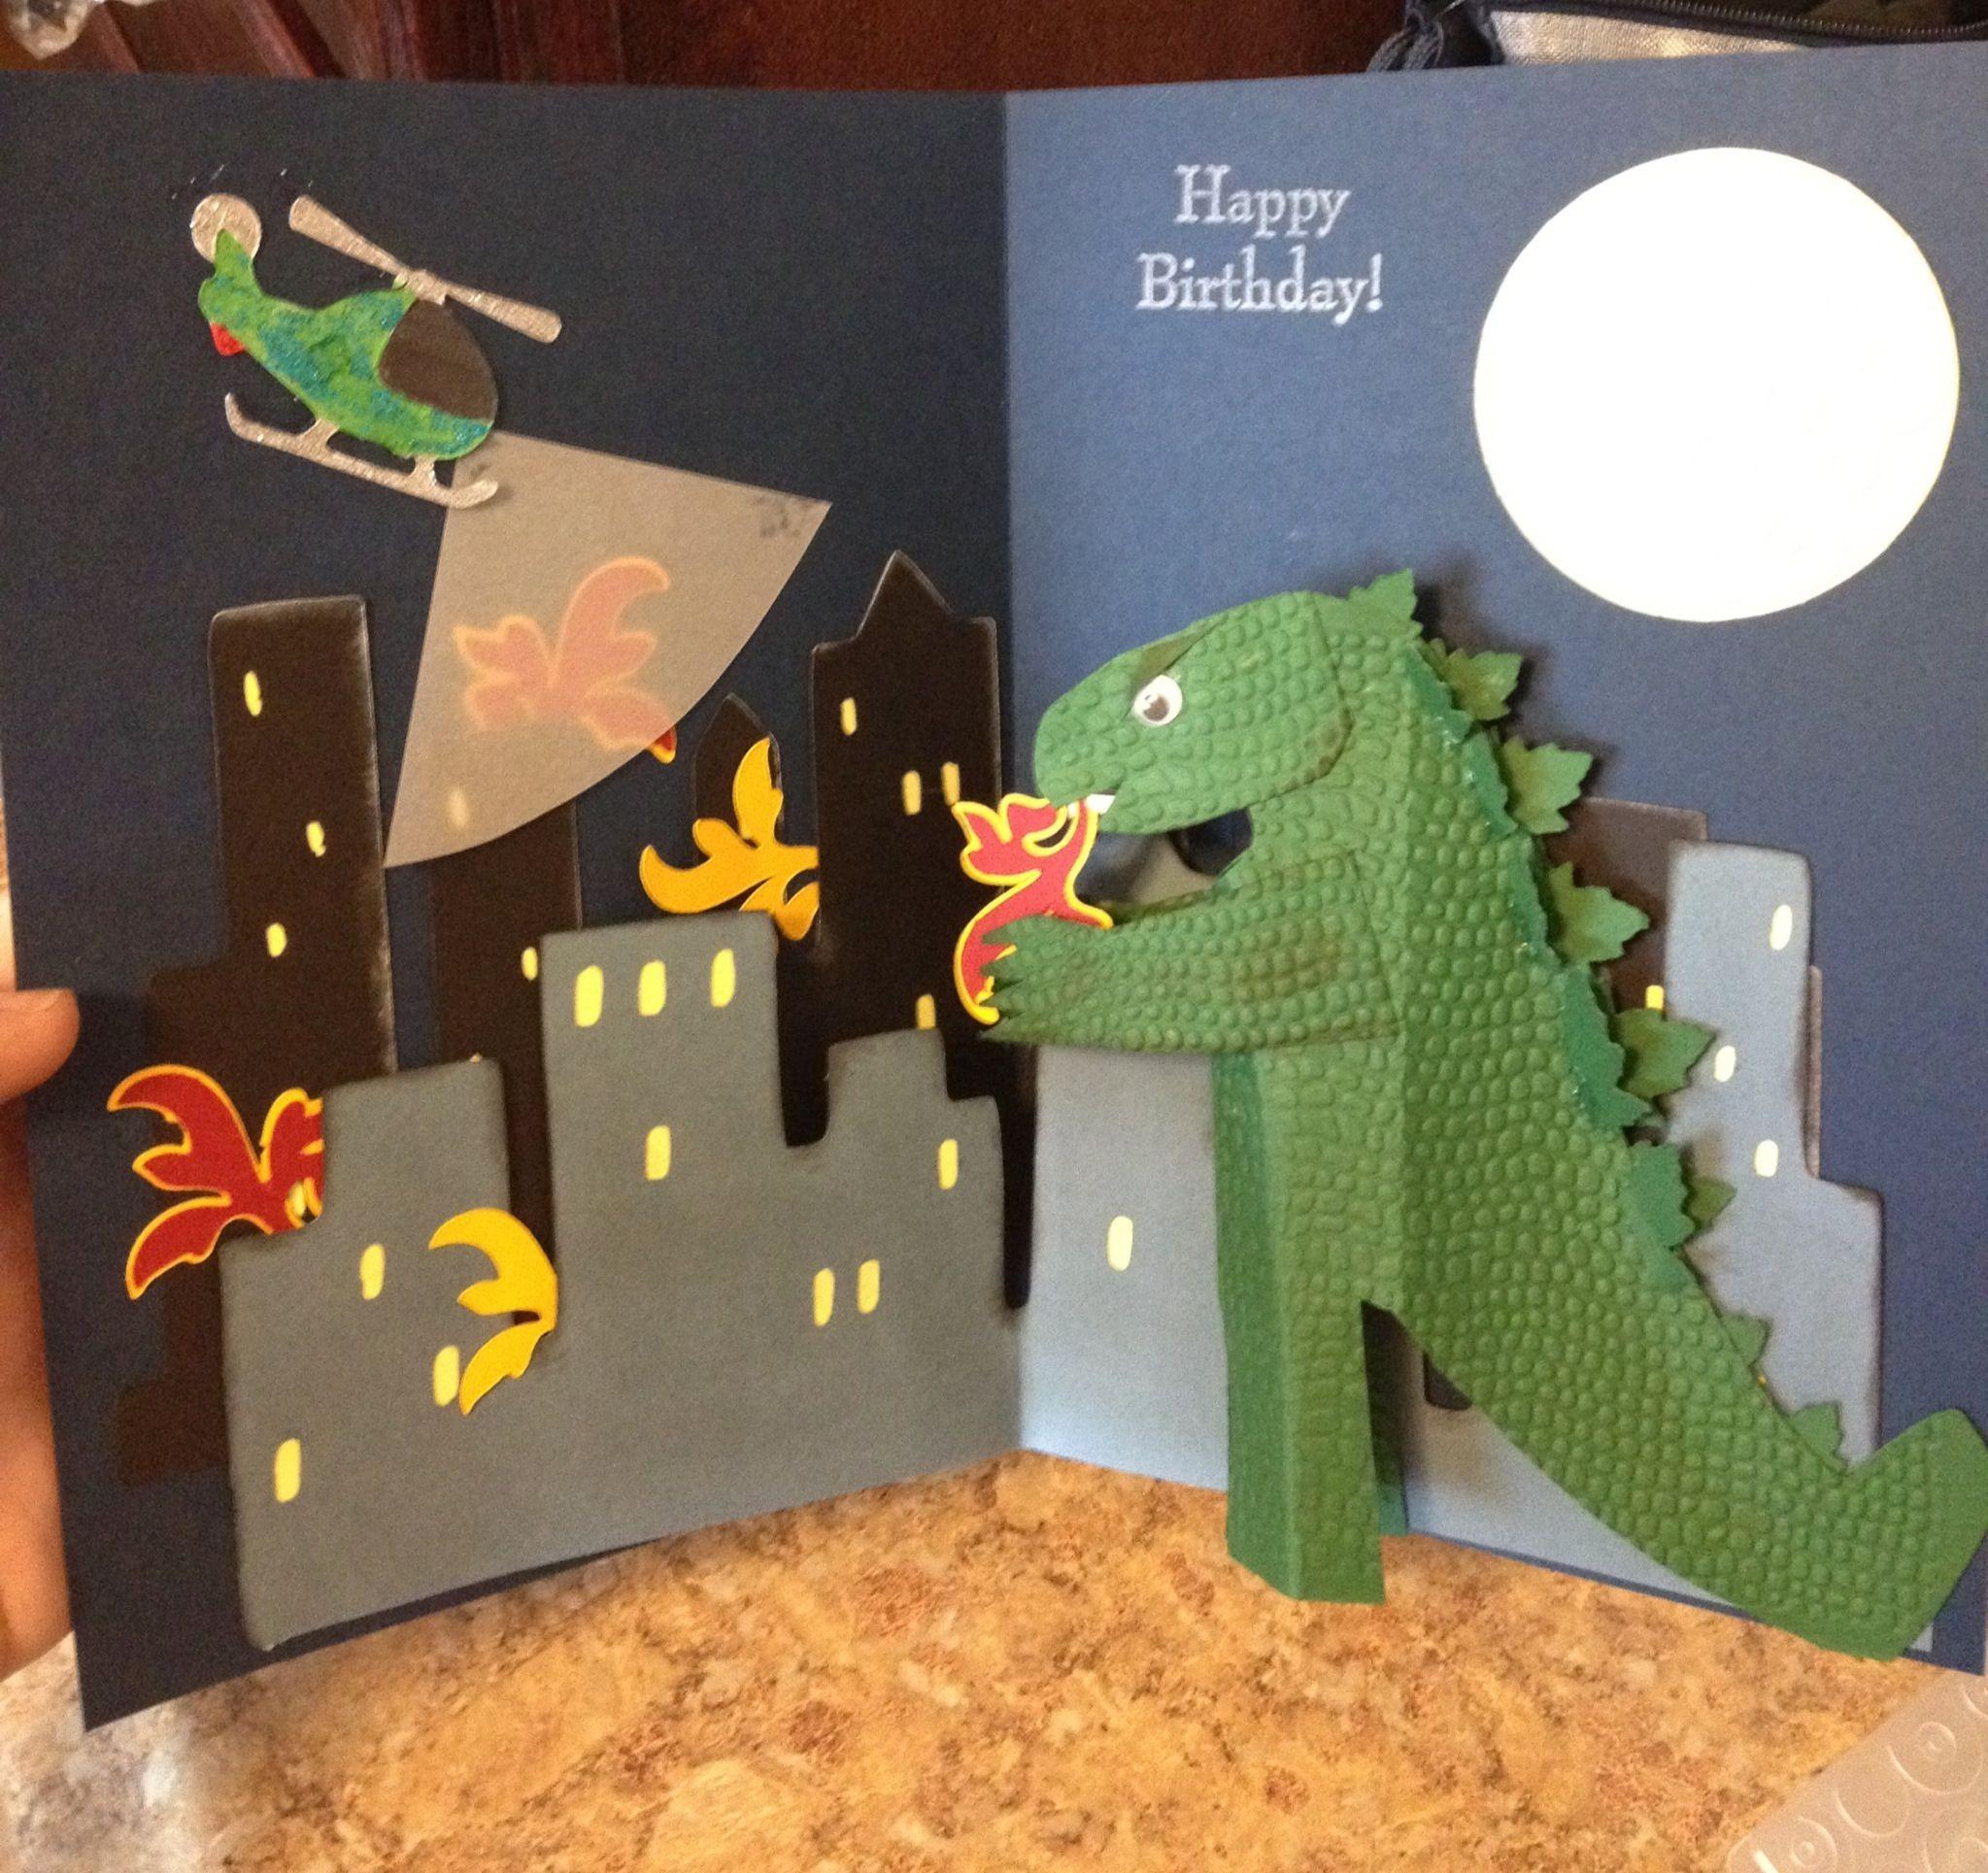 Godzilla Papercraft Godzilla Pop Up Birthday Card by Kimberly Heath